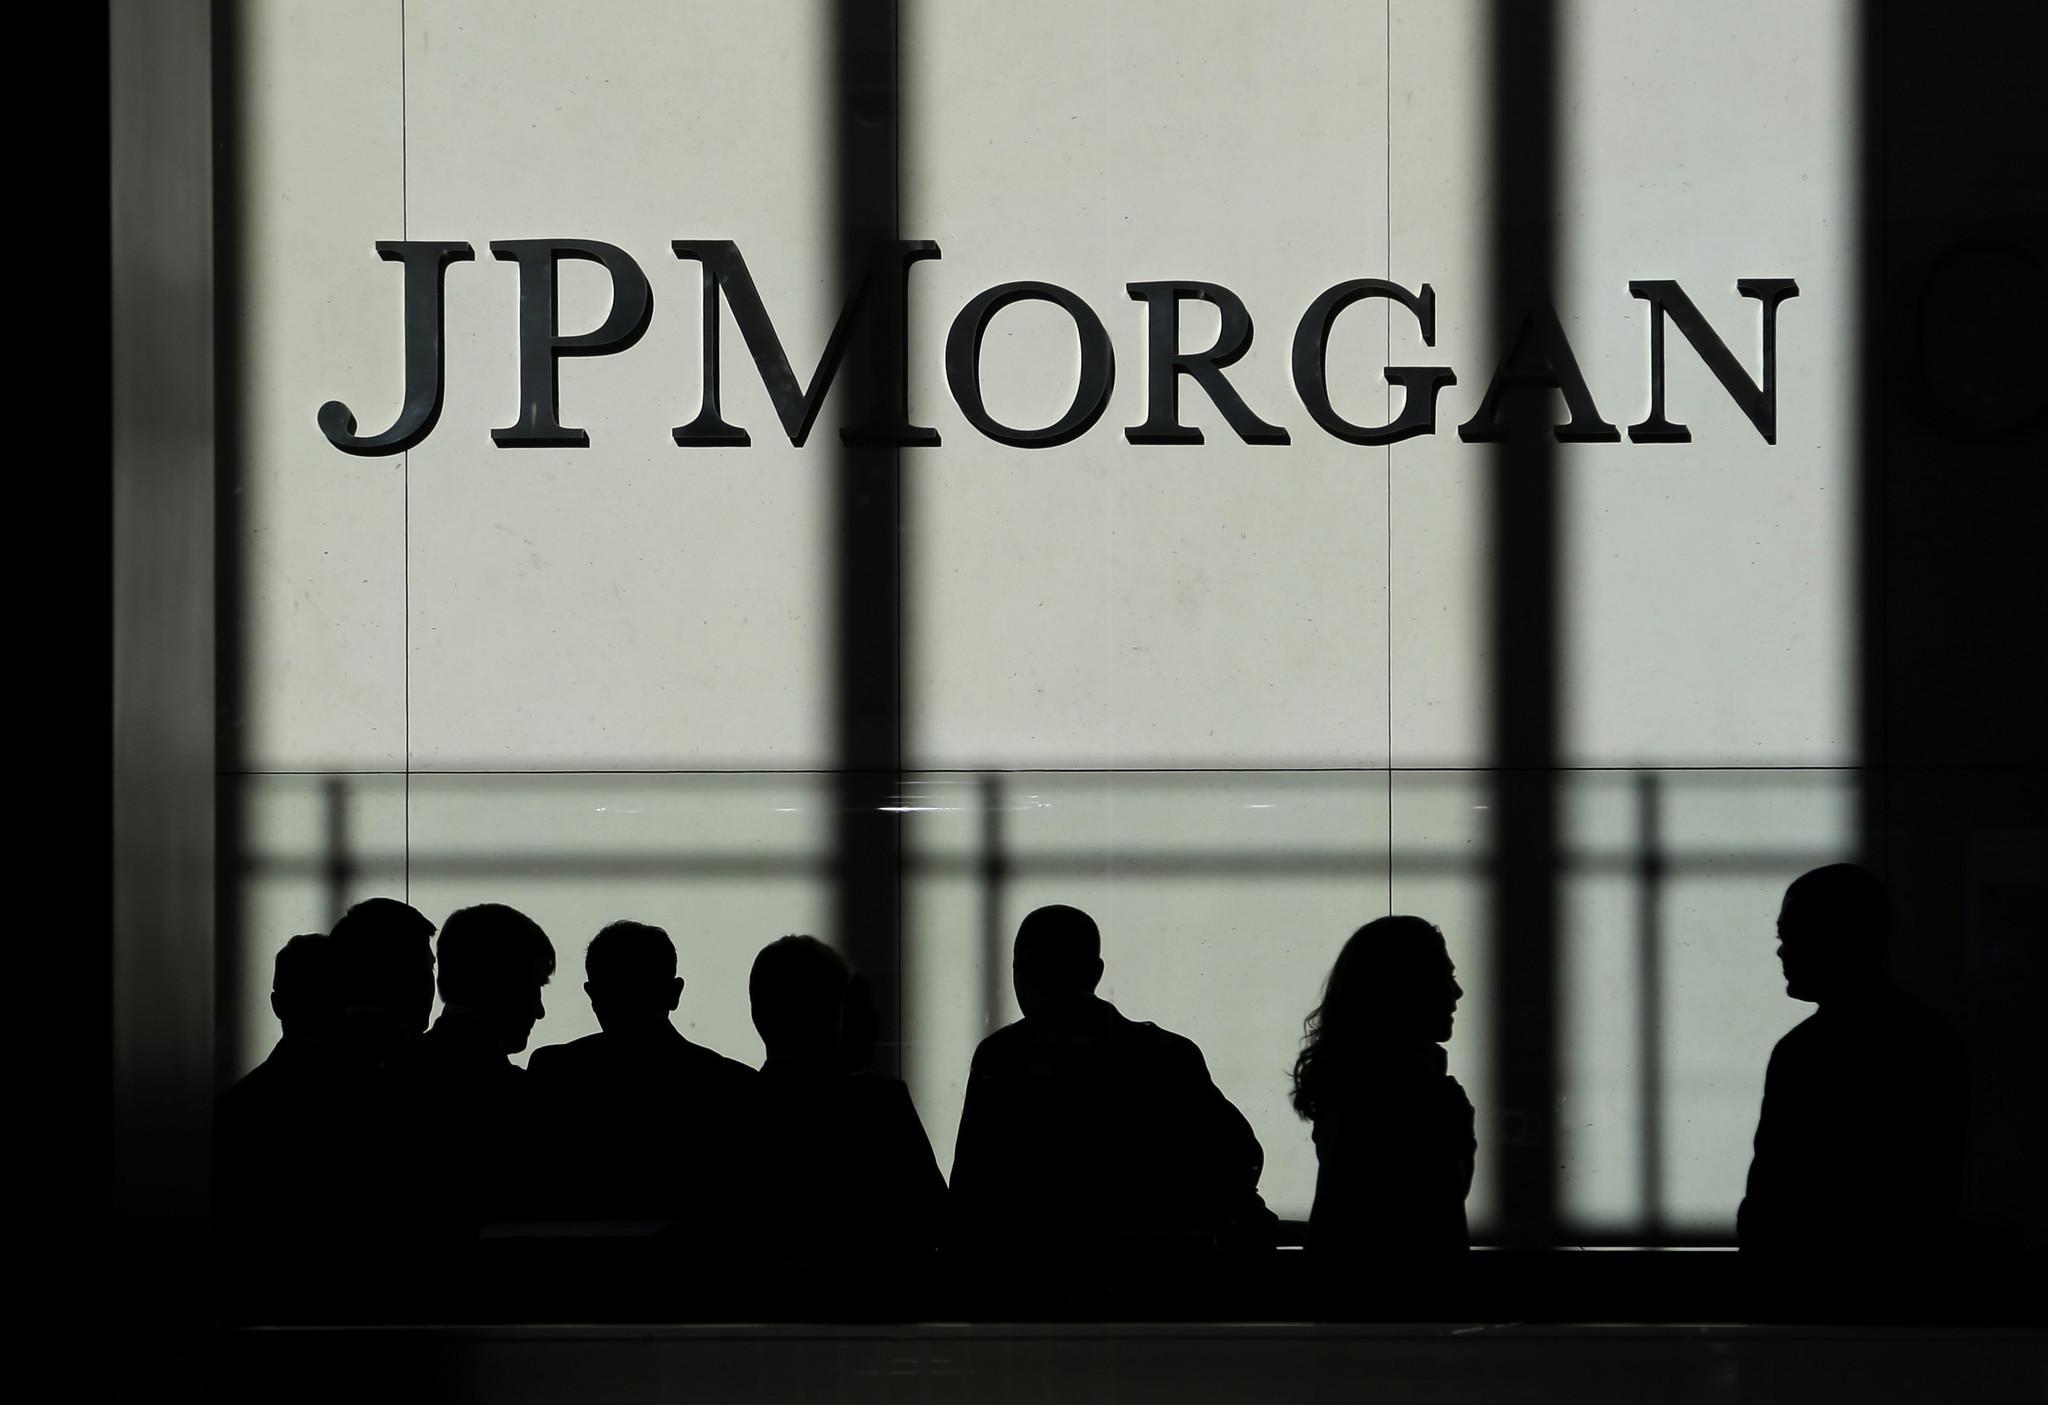 Τα τρία σενάρια της JP Morgan για την έξοδο από το τρίτο μνημόνιο, 60% έξοδος με… πατερίτσες!